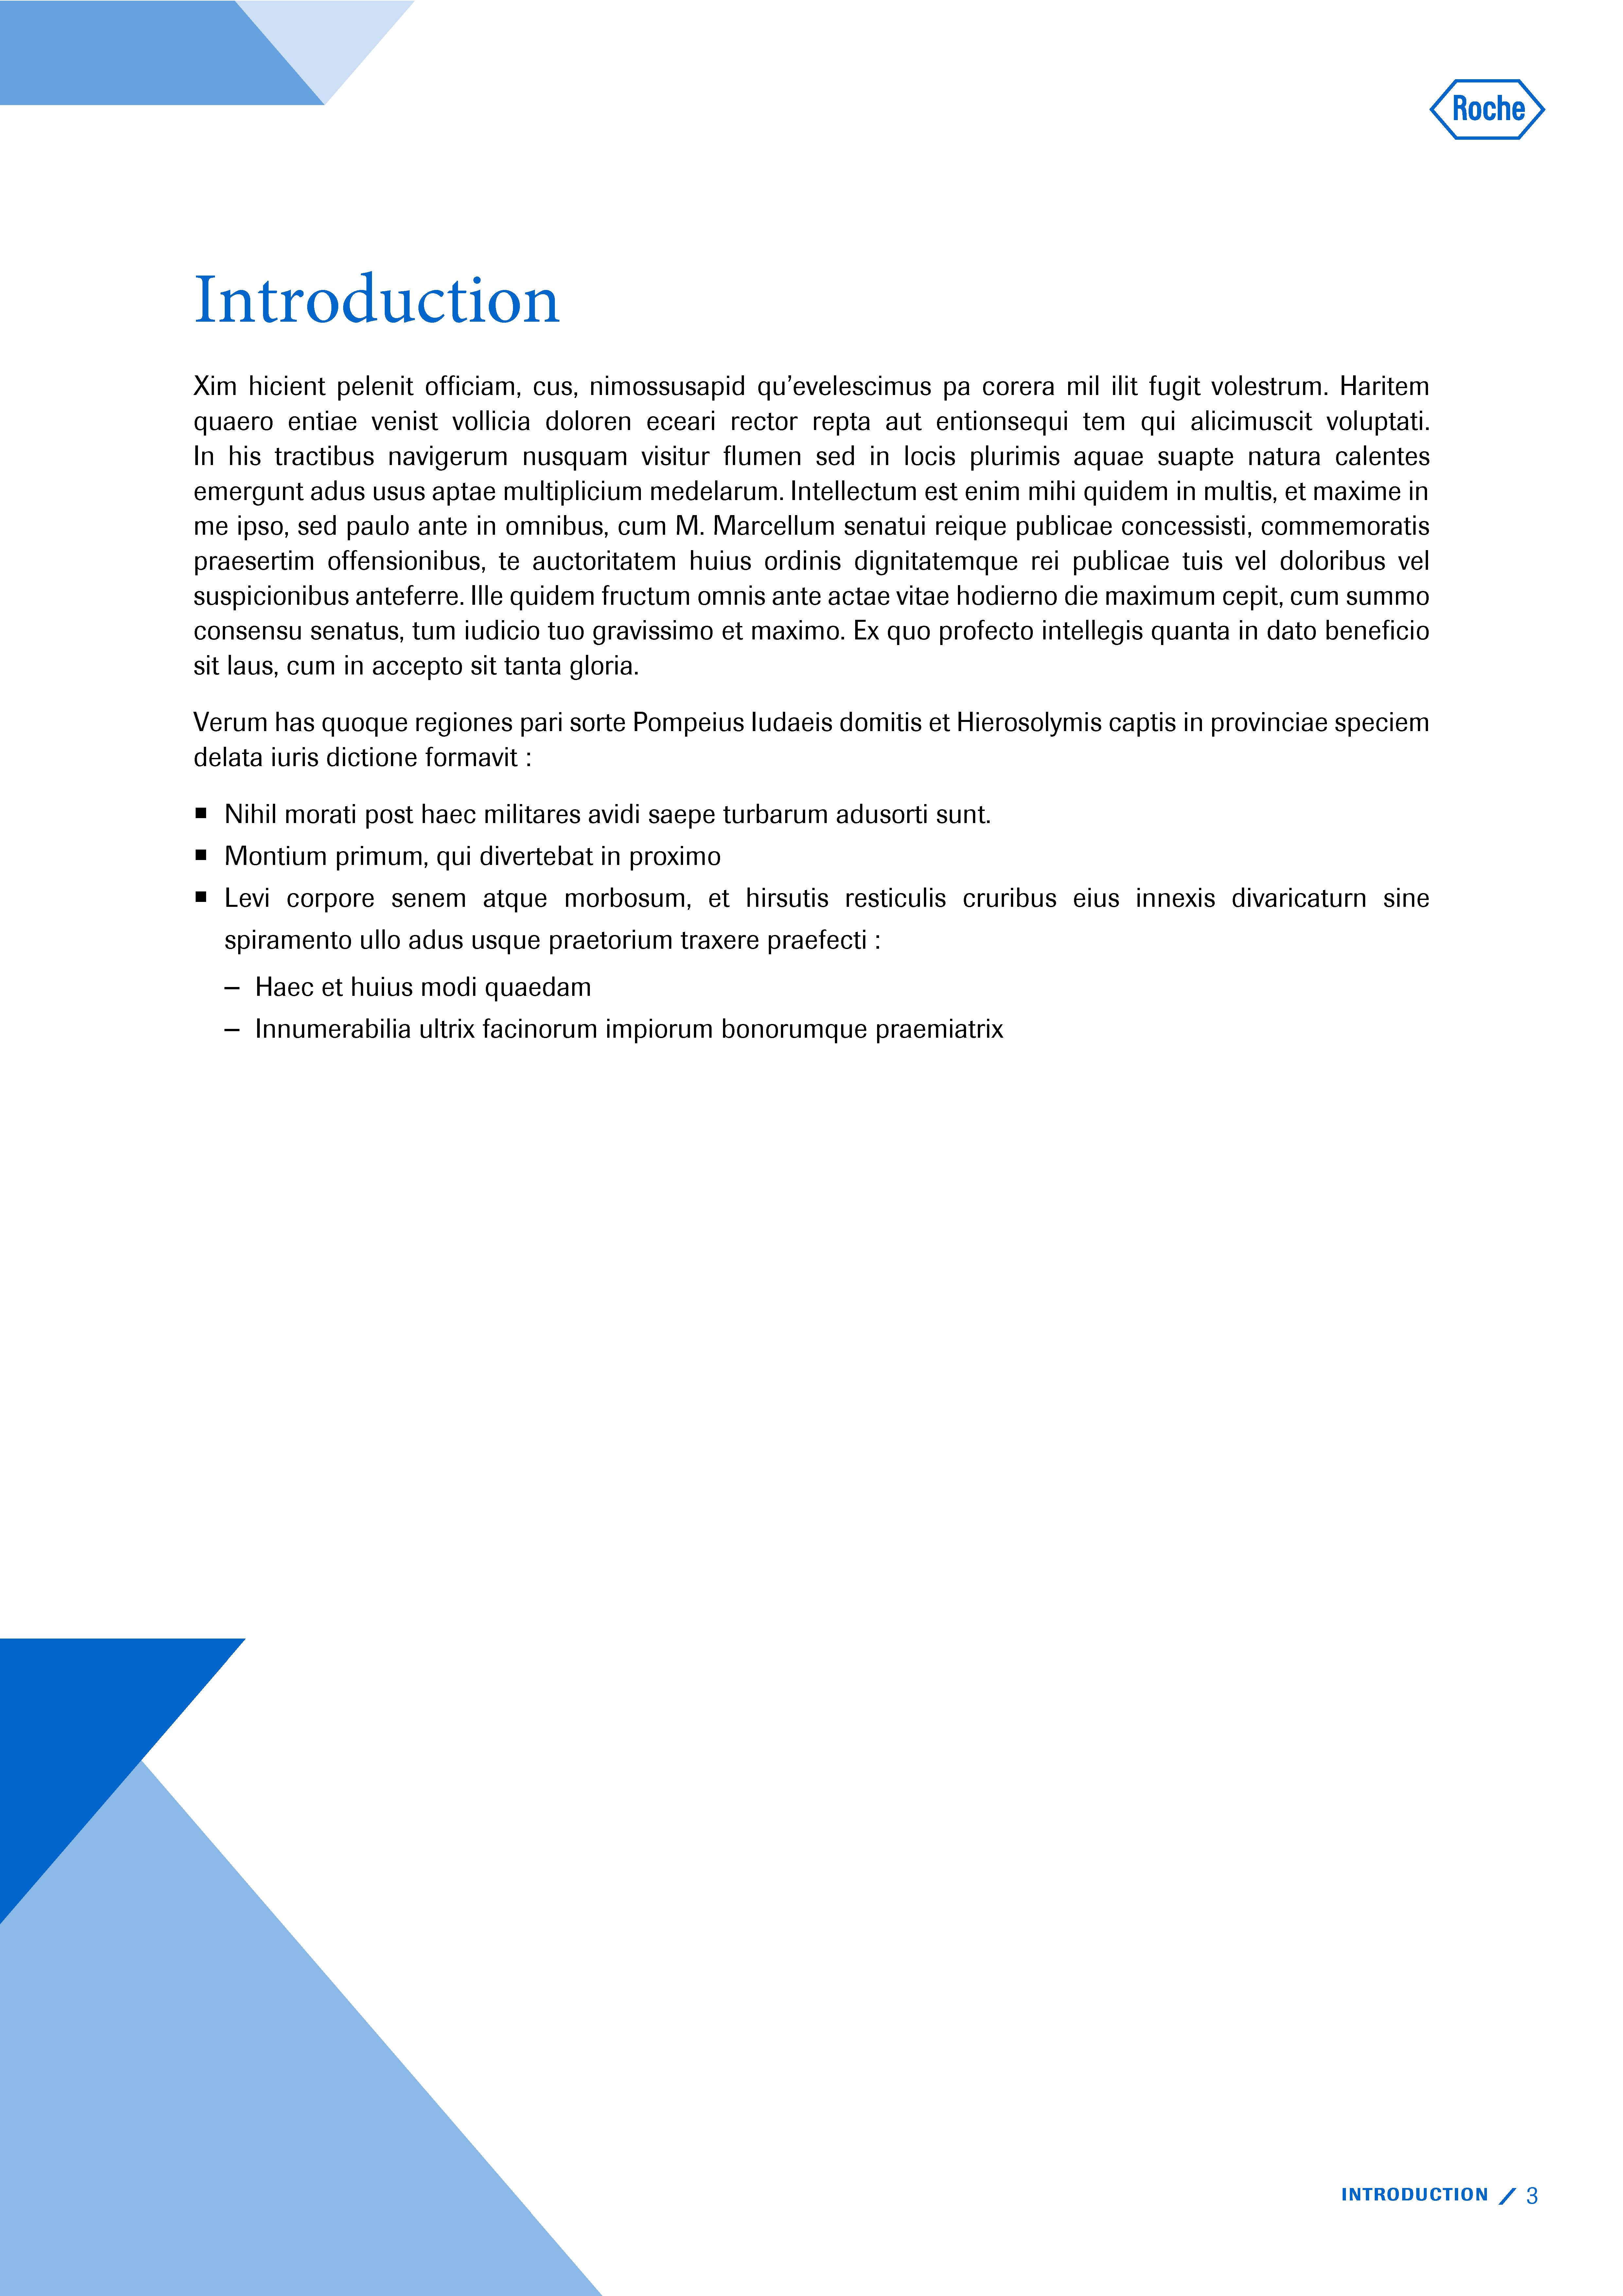 Modèle de présentation Word professionnelle pour laboratoire Roche 3